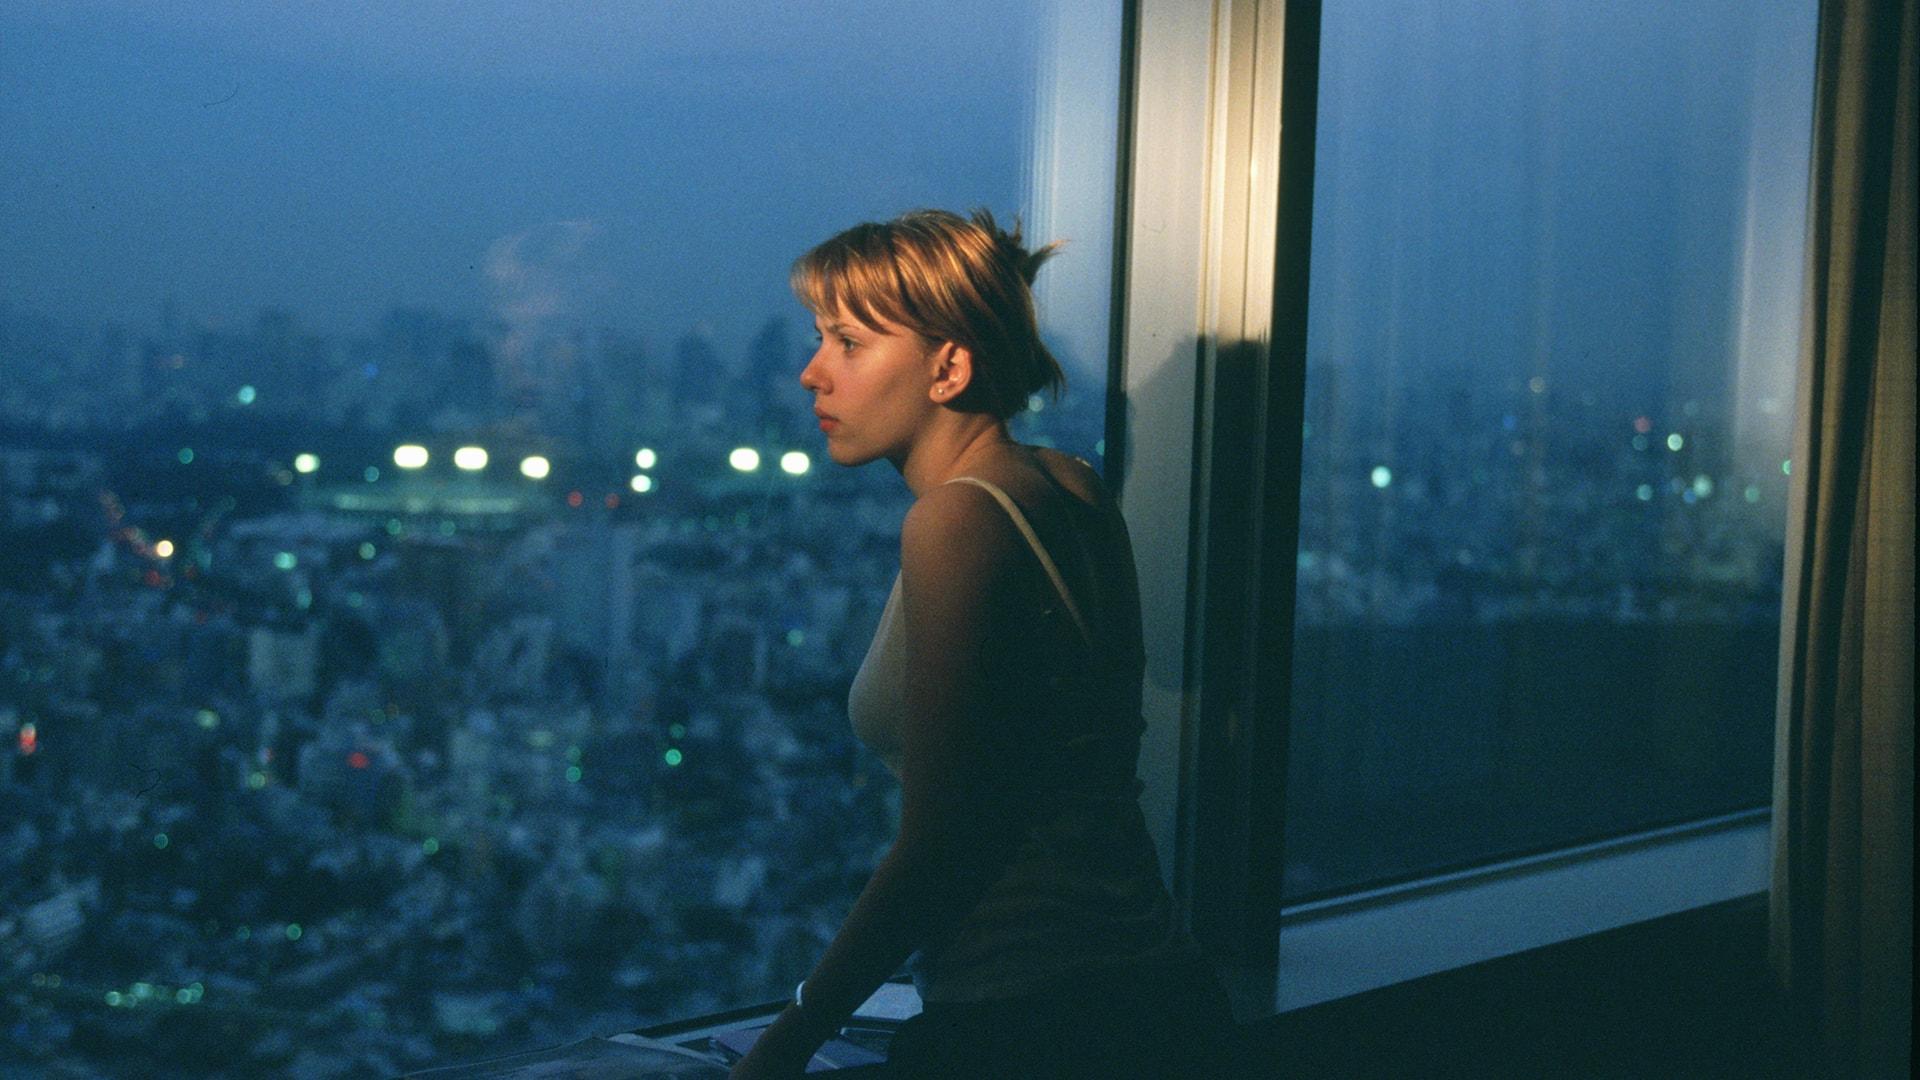 ソフィア・コッポラが見た「東京」の表情『ロスト・イン・トランスレーション』